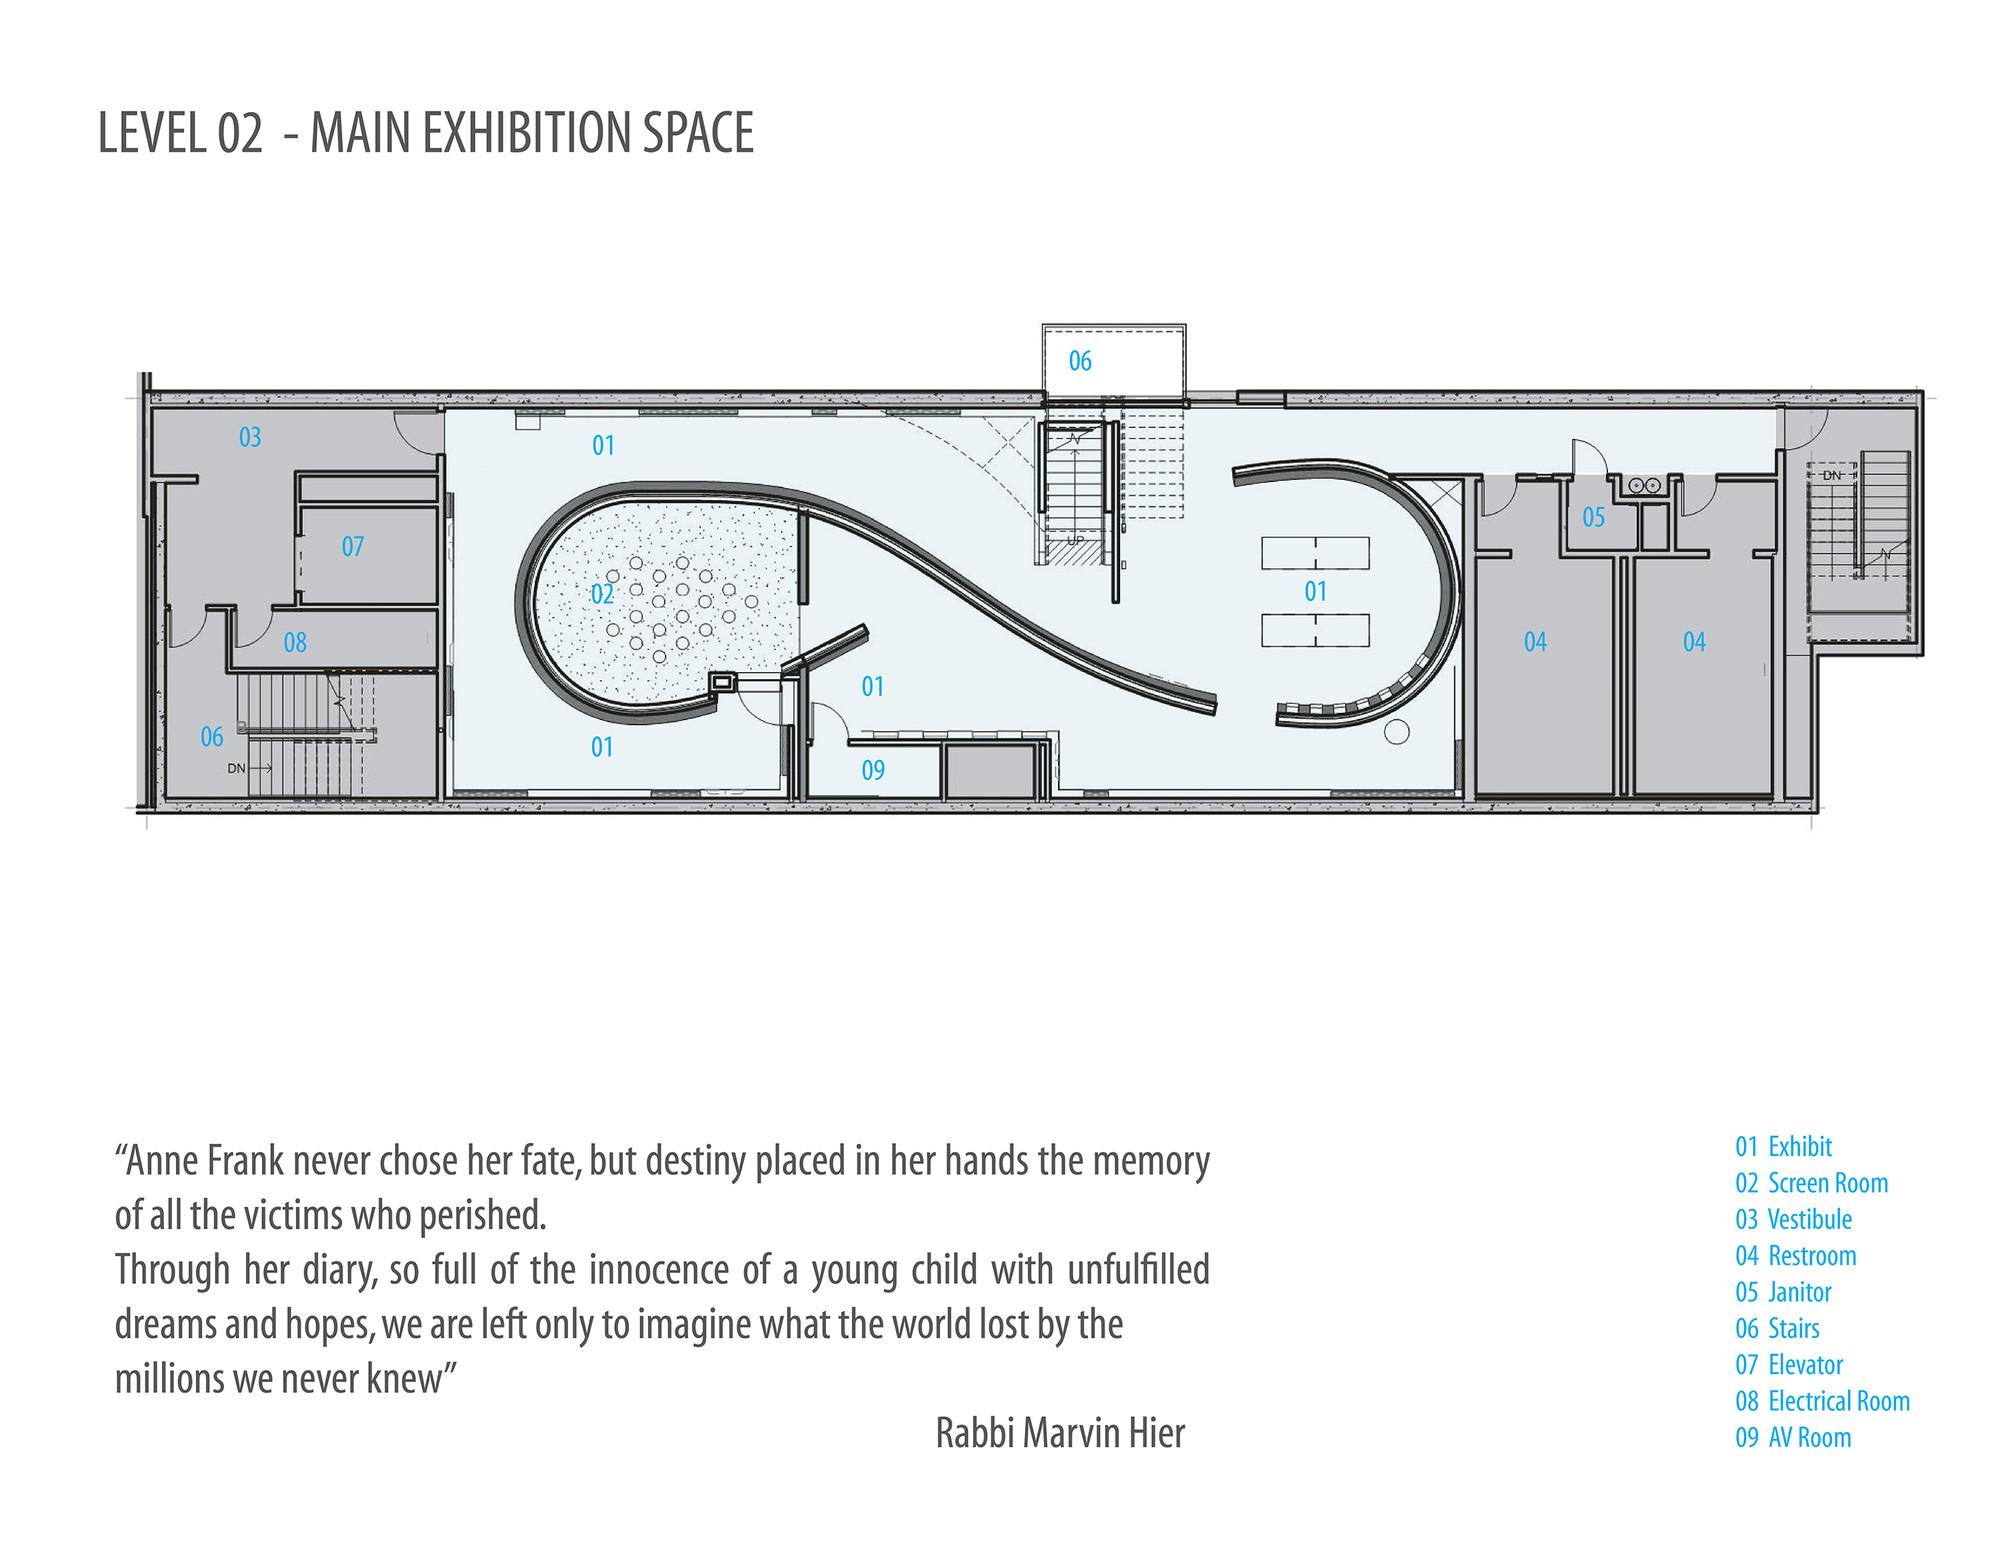 D Exhibition Floor Plan : Gallery of museum tolerance anne frank exhibit